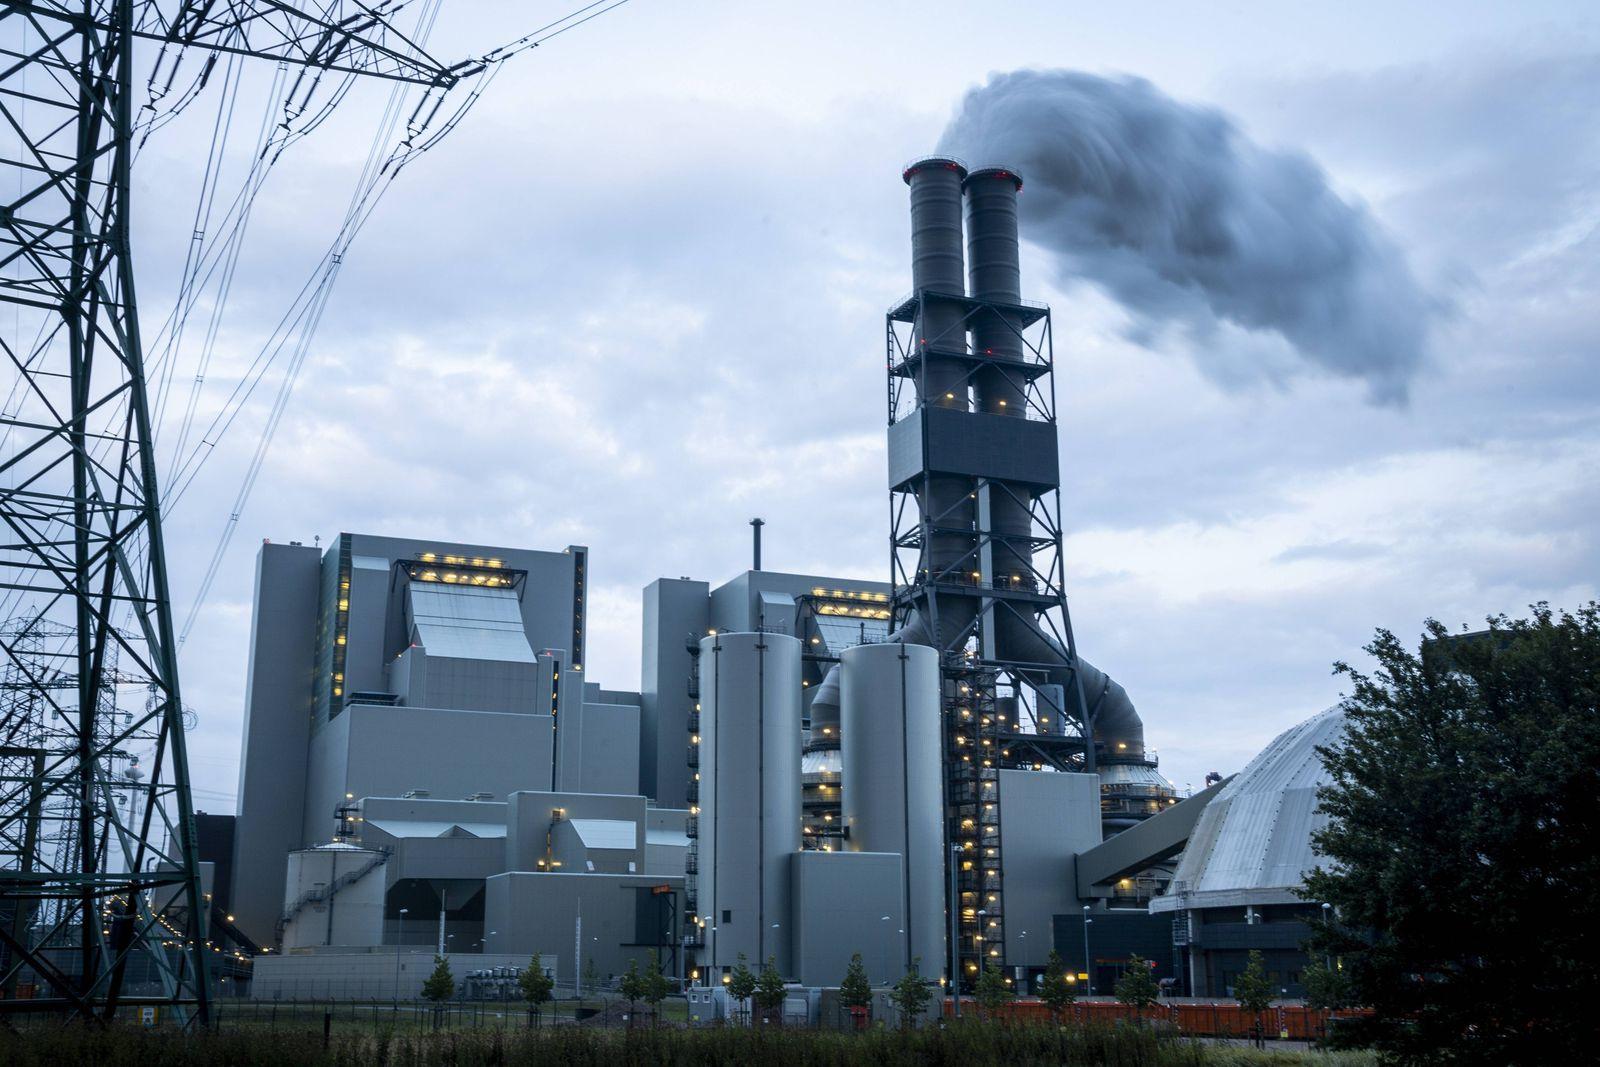 Steinkohlekraftwerk Moorburg Das Kohlekraftwerk Moorburg wird von Vattenfall betrieben und liegt im Hamburger Stadtteil